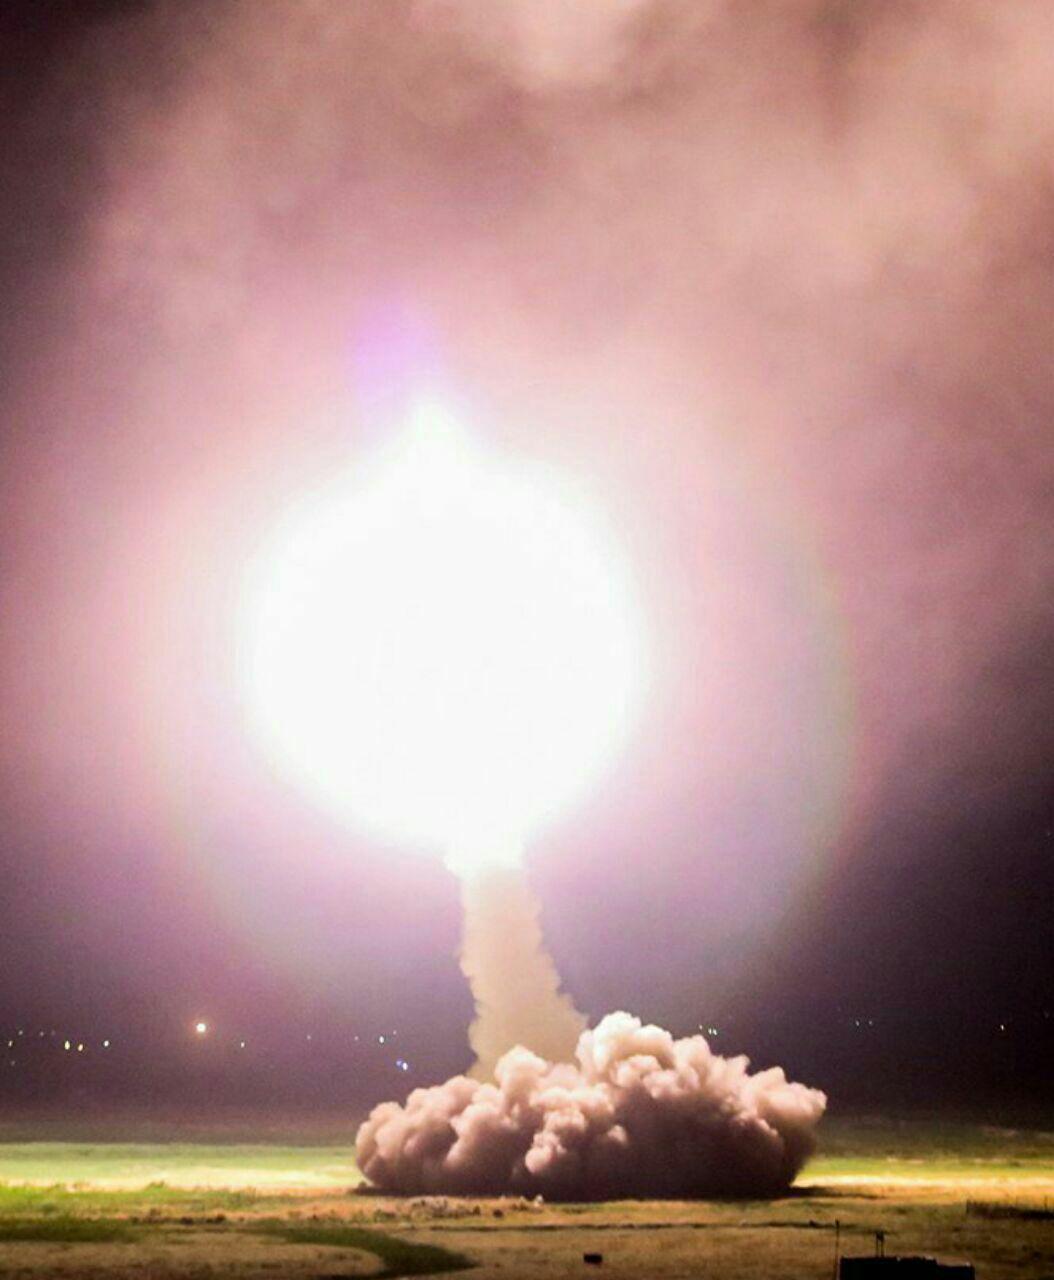 گزارش کامل حمله موشکی سپاه به مقر داعش در سوریه+فیلم